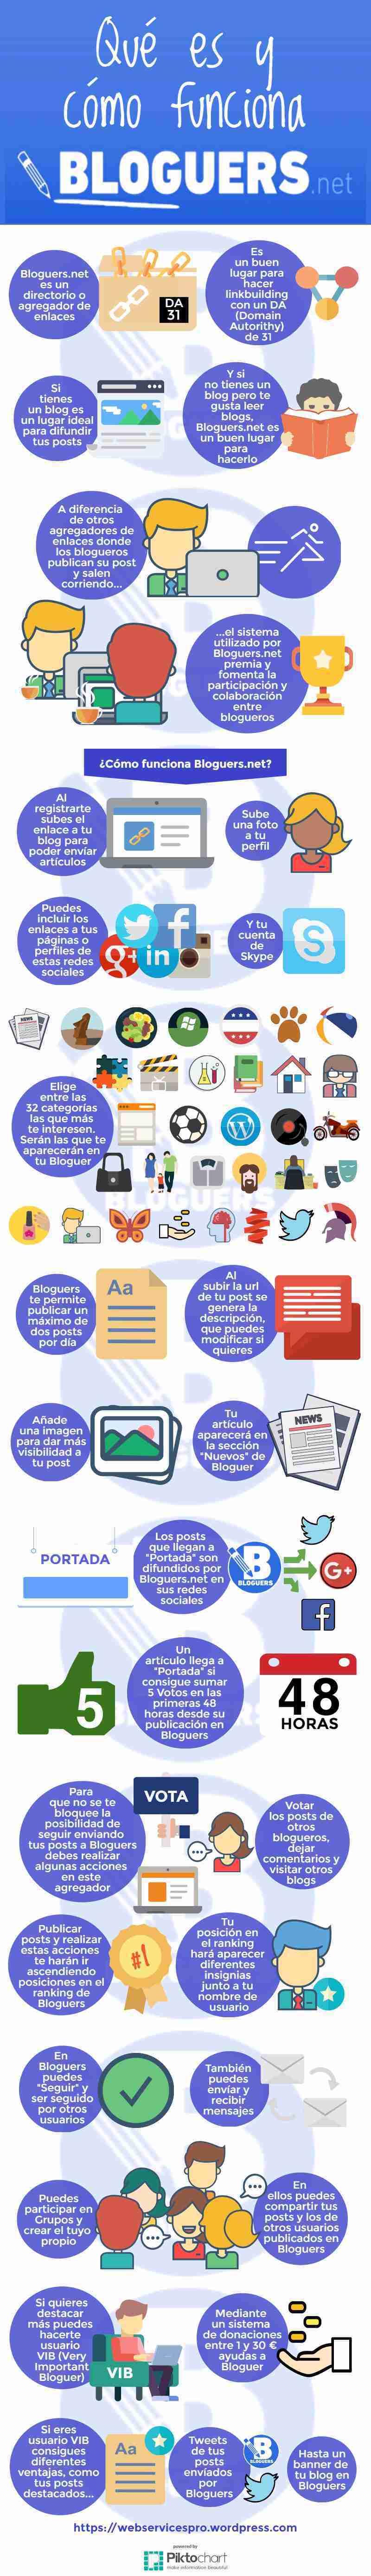 Qué es y cómo funciona Bloggers.net